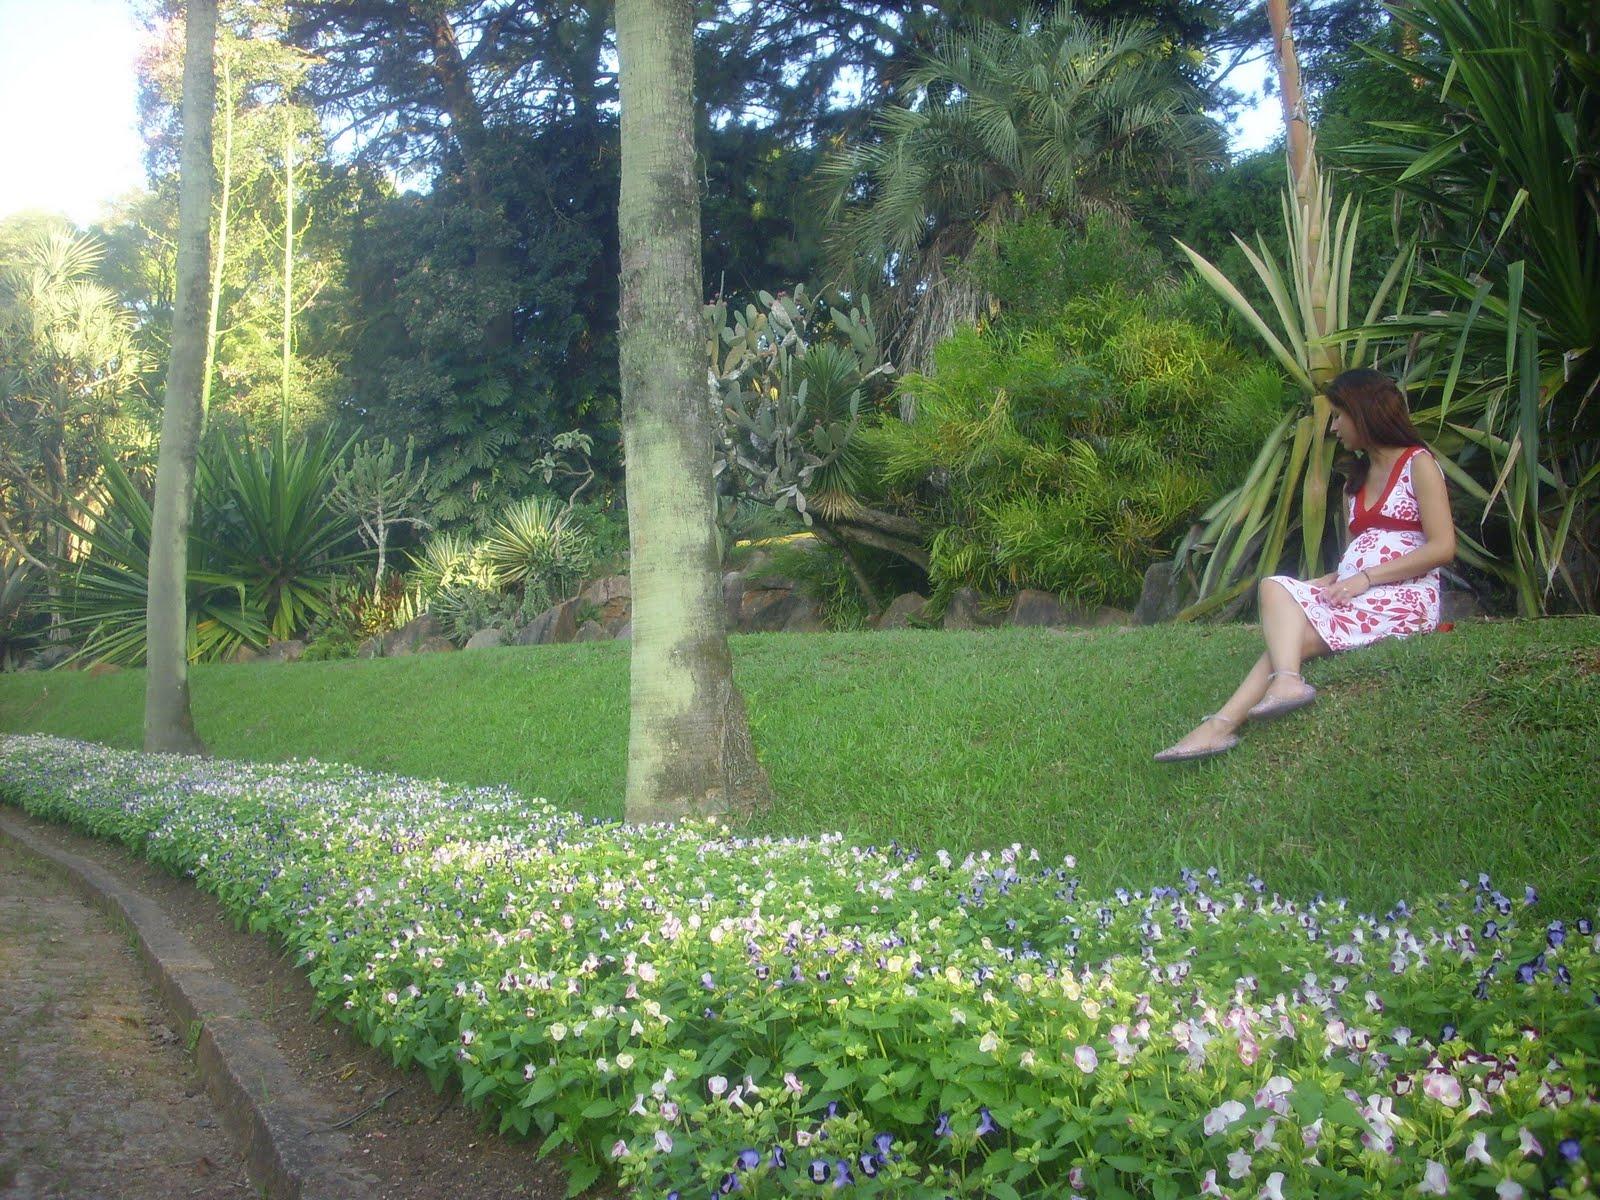 fotos jardim botanico porto alegre : fotos jardim botanico porto alegre: em porto alegre na retrospectiva 2010 do blog vivendo porto alegre